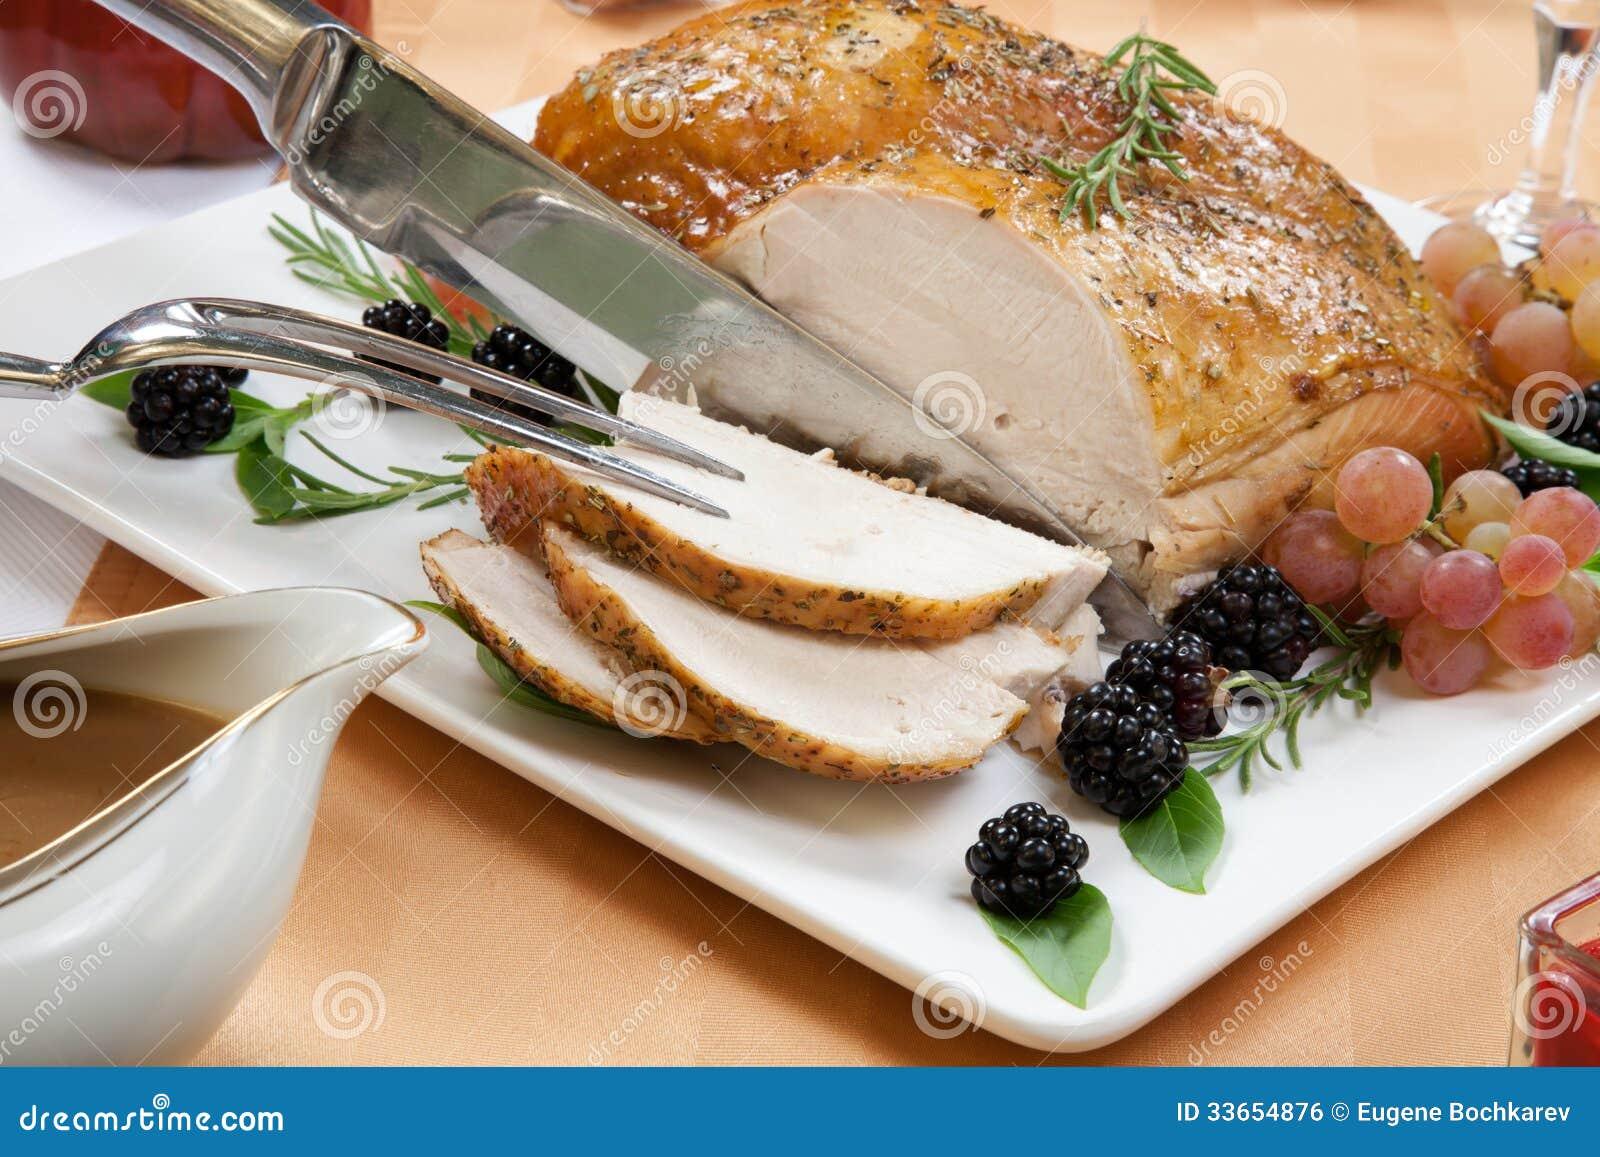 photo Rosemary Roast Turkey Breast